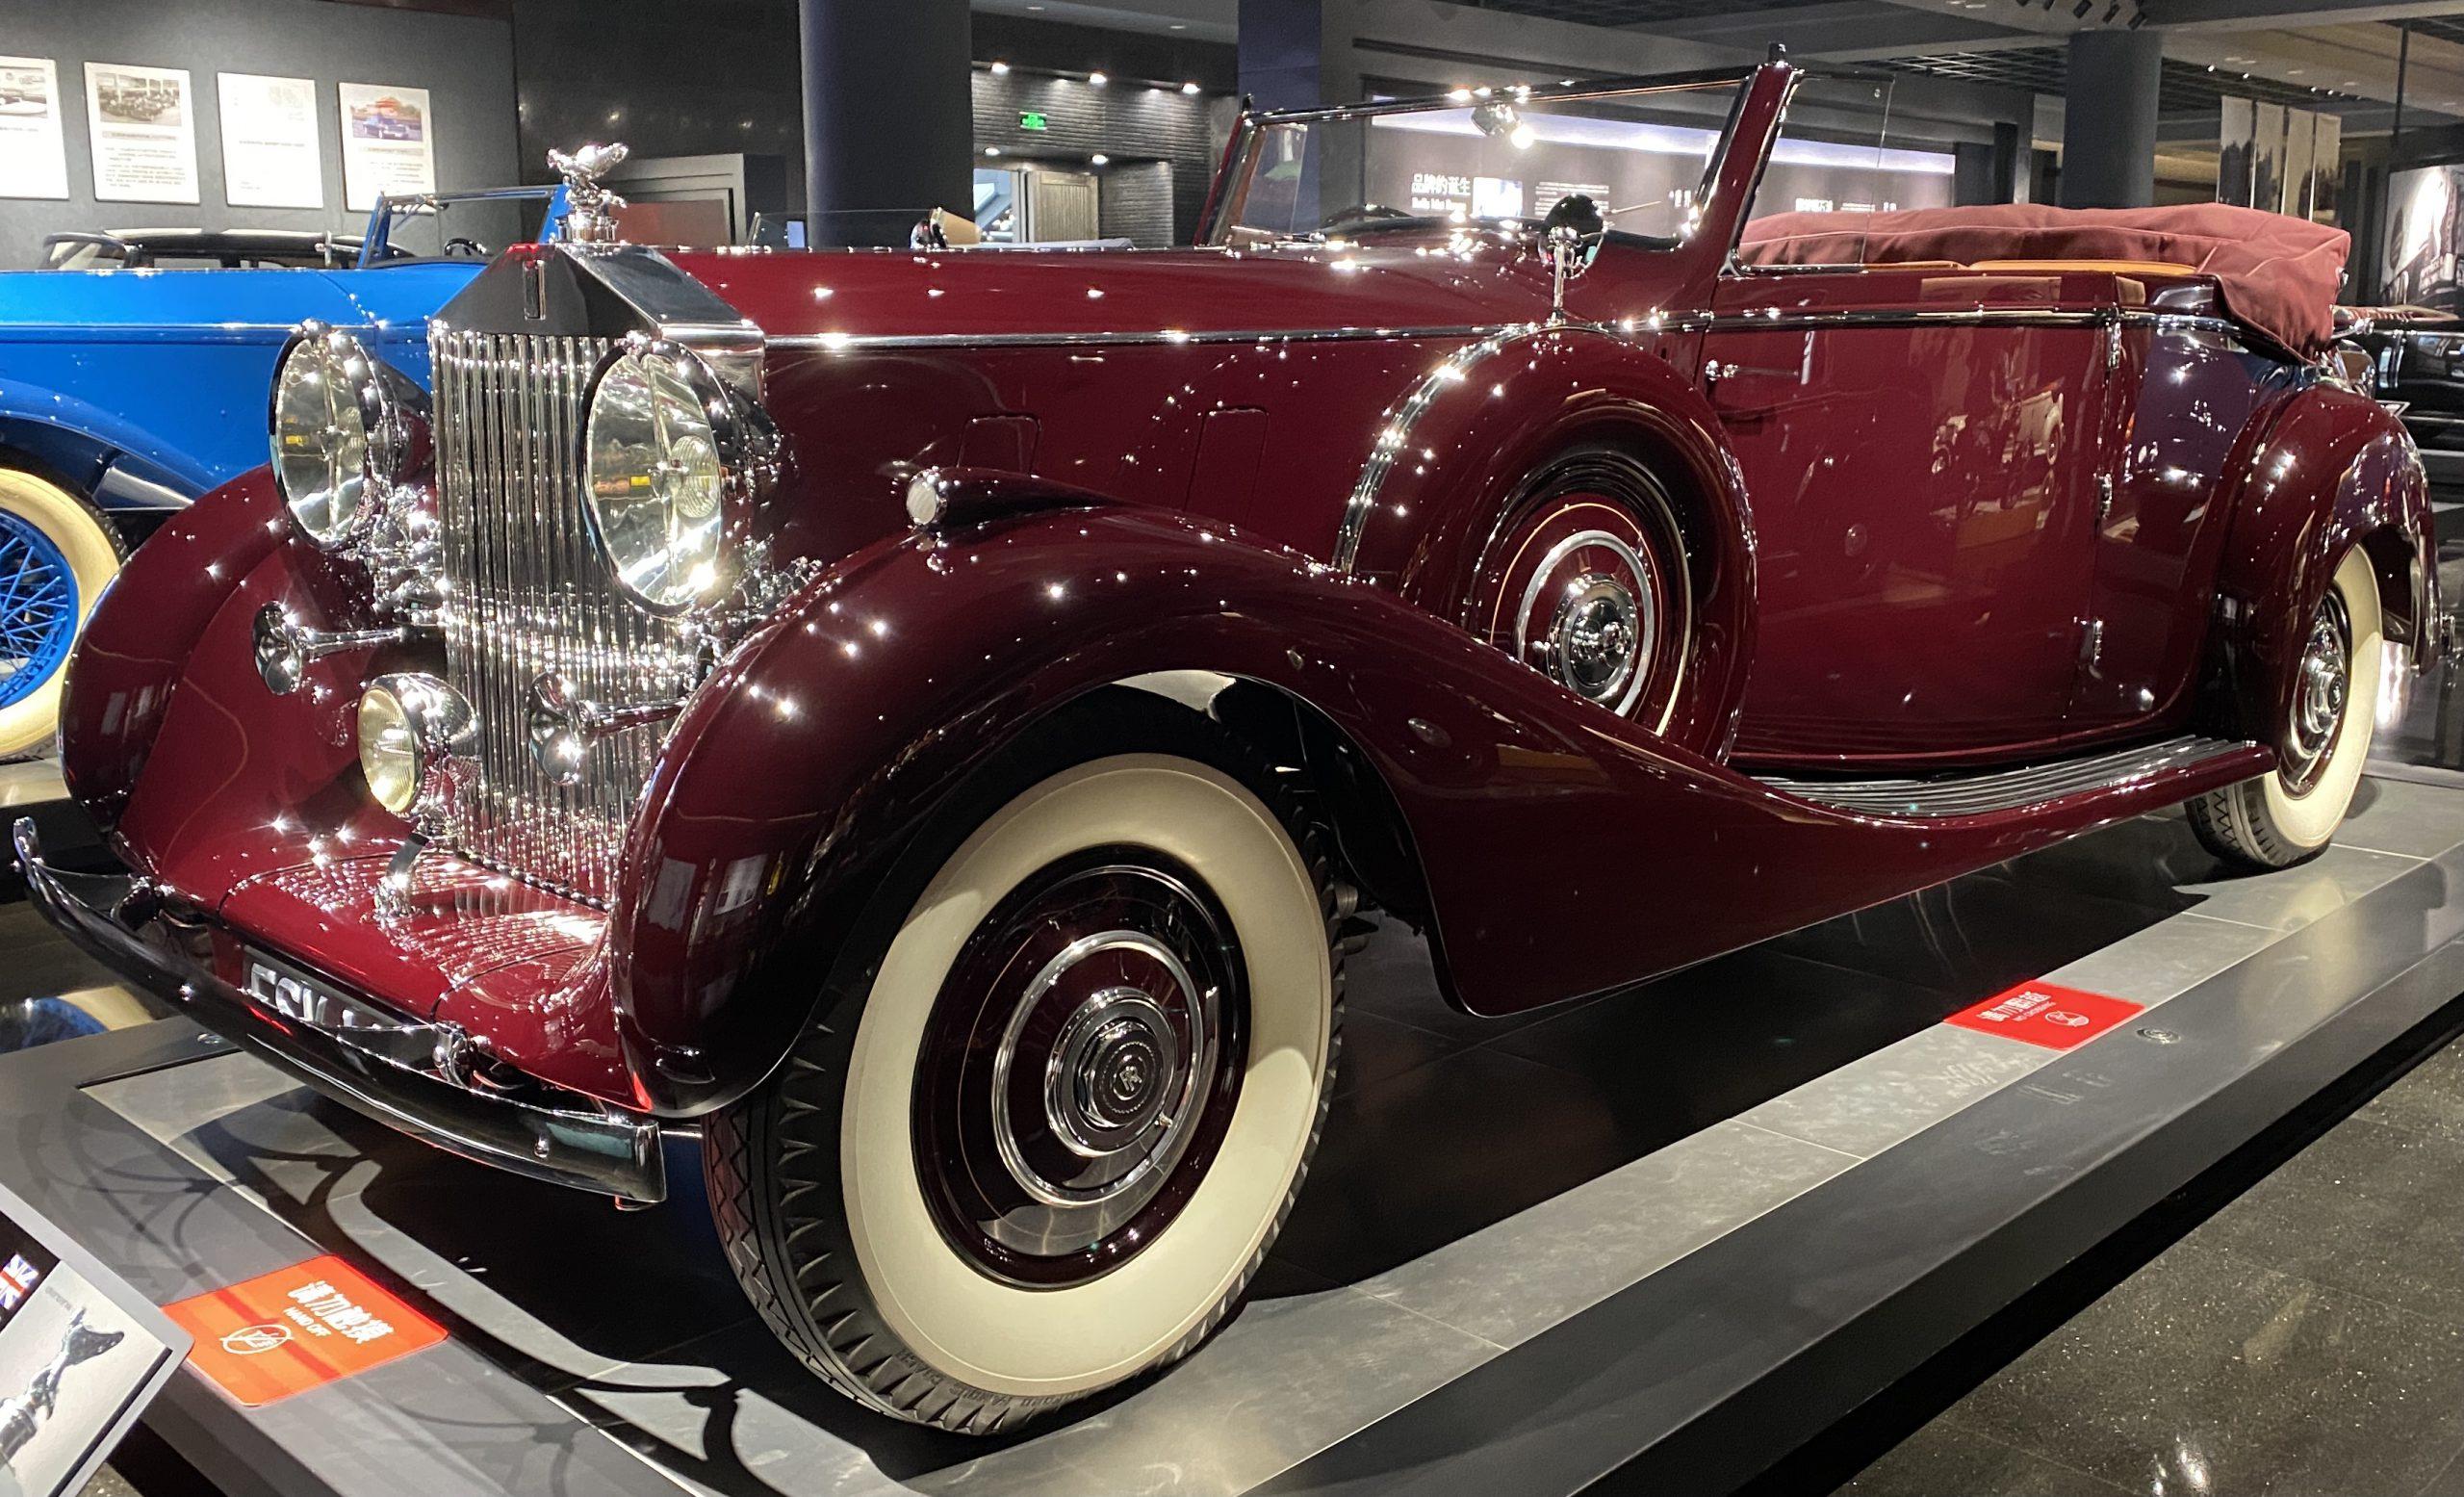 1939ロールスロイスファントムⅢ-1932 roolls-royce PhantomⅢ-常設展-三和老爺車博物館-成都市-四川省